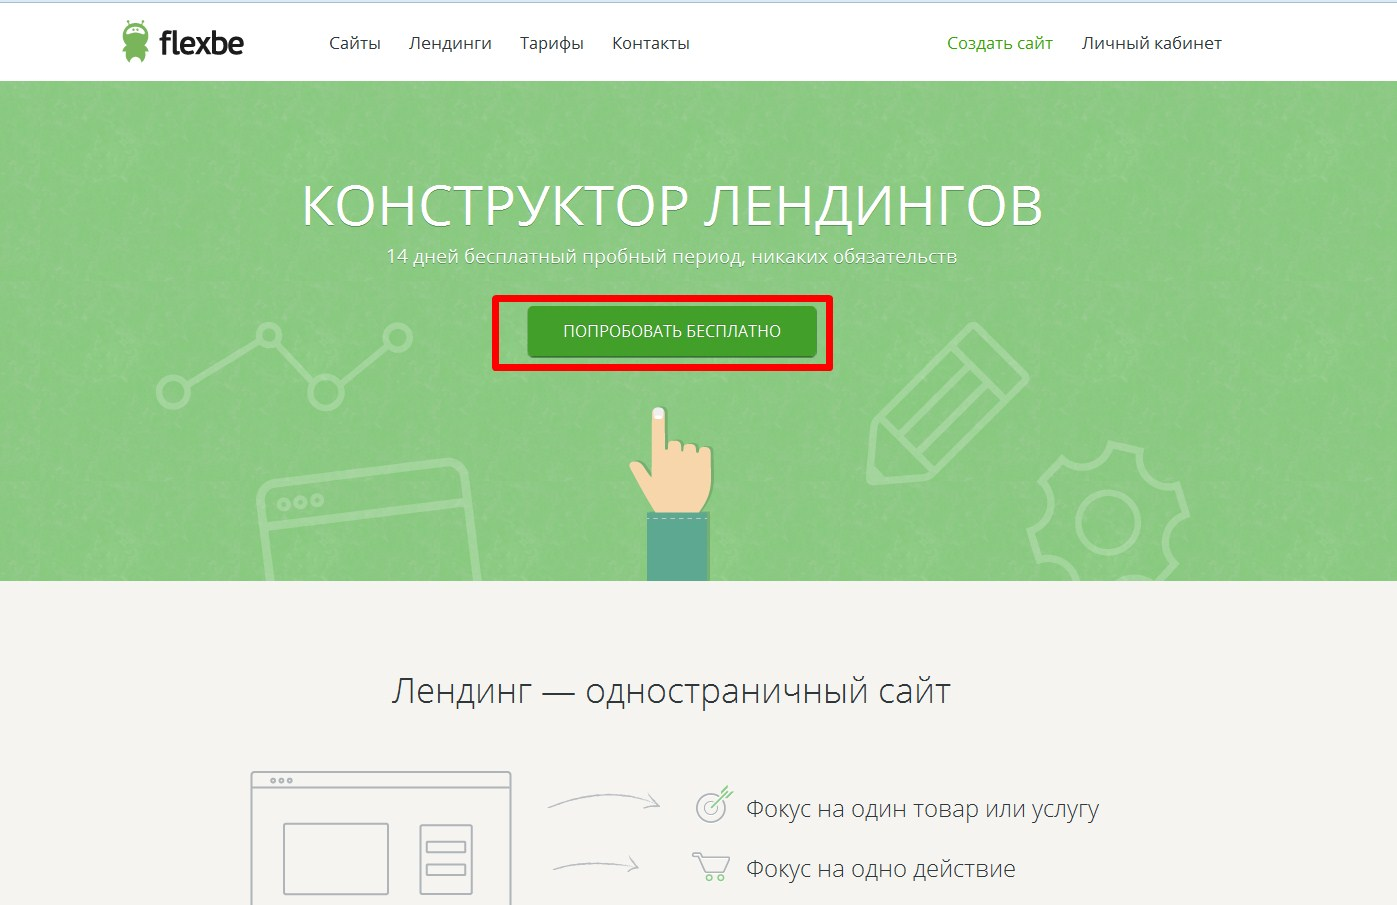 онлайн конструктор flaxbe